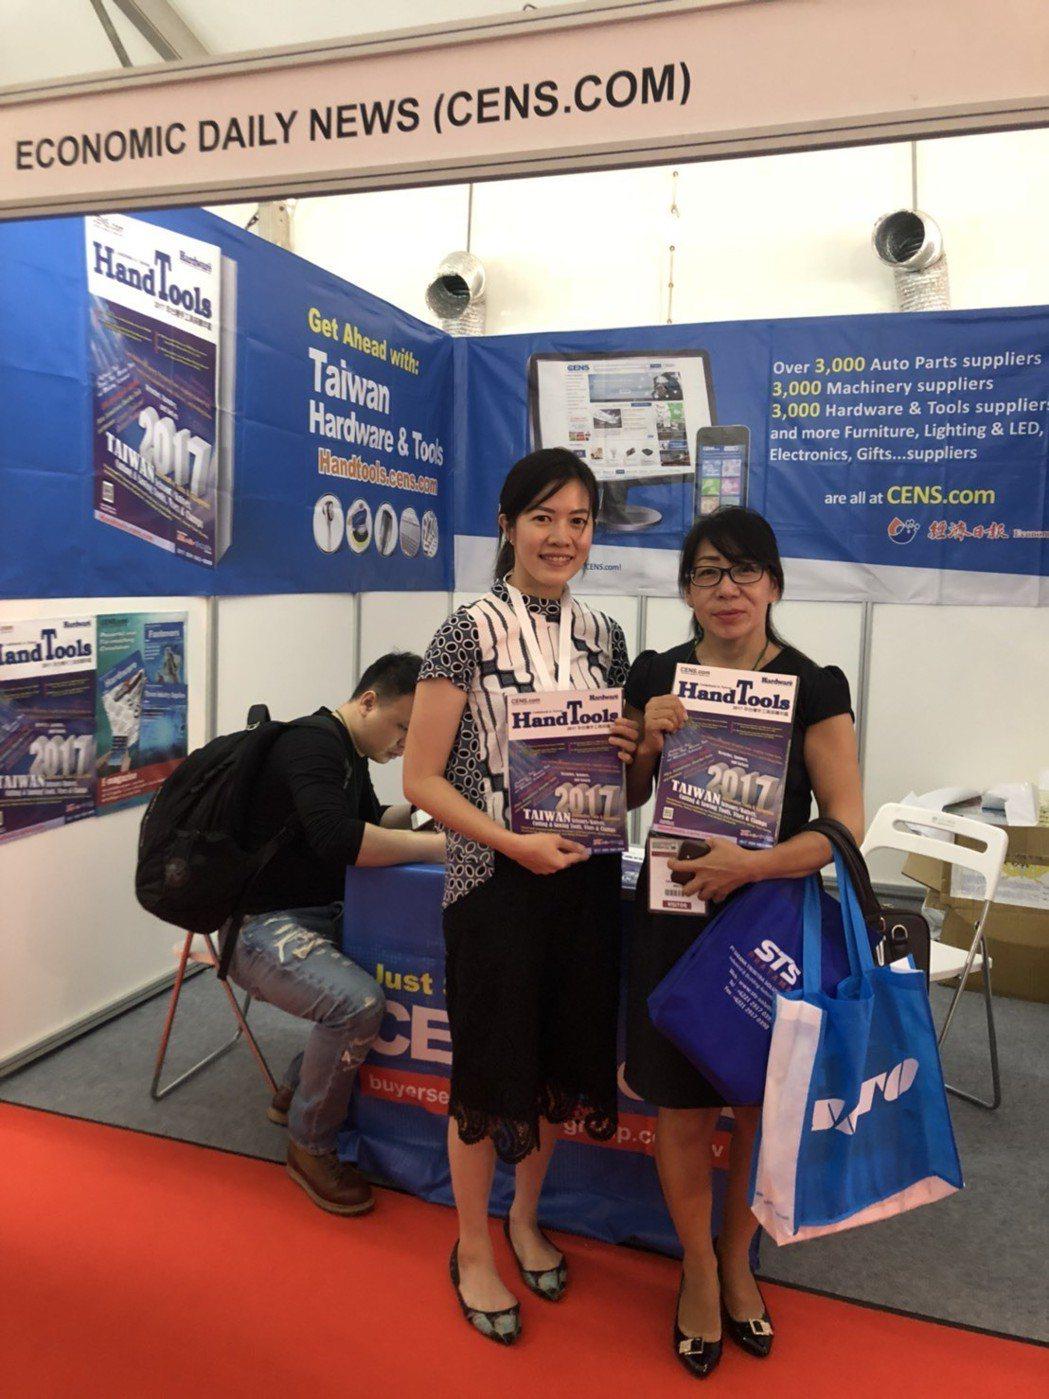 經濟日報/中經社雙品牌,助台商快速掌握海外訂單。